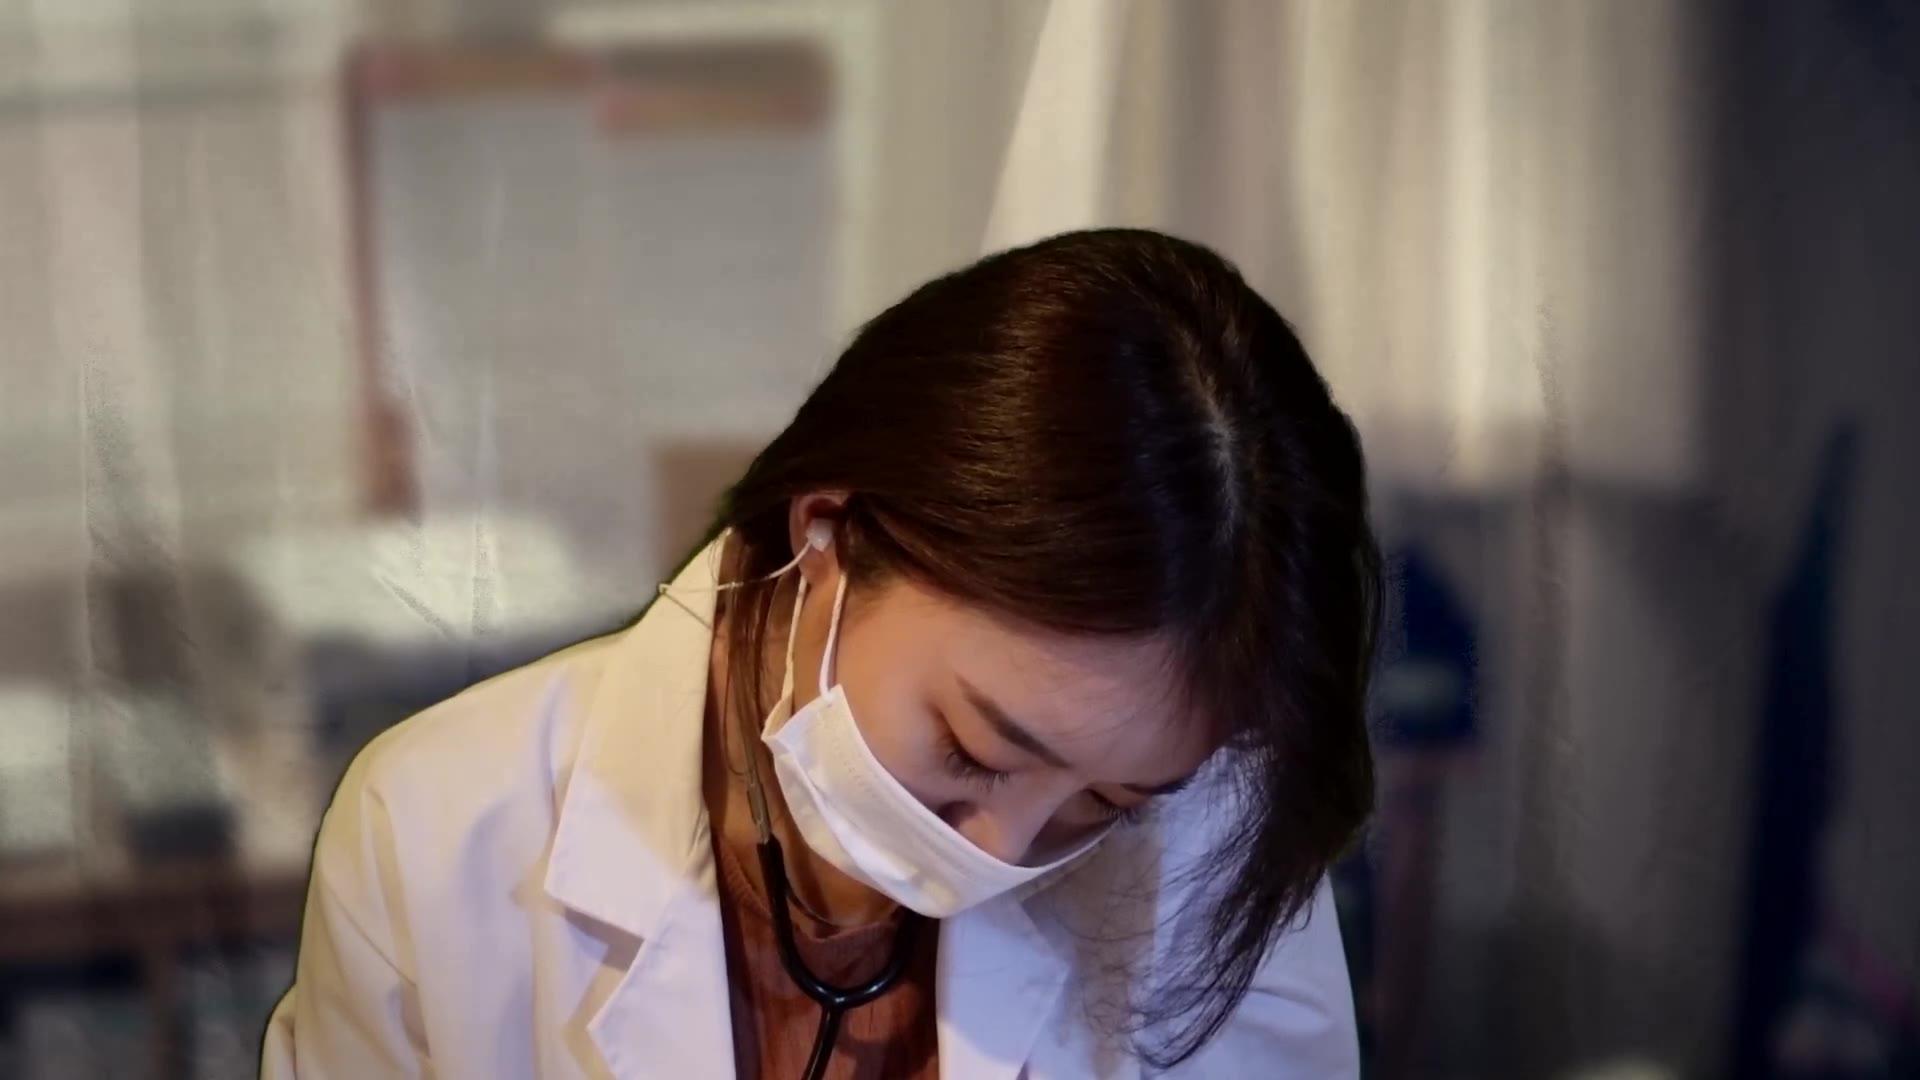 【声控】耳朵治疗医院